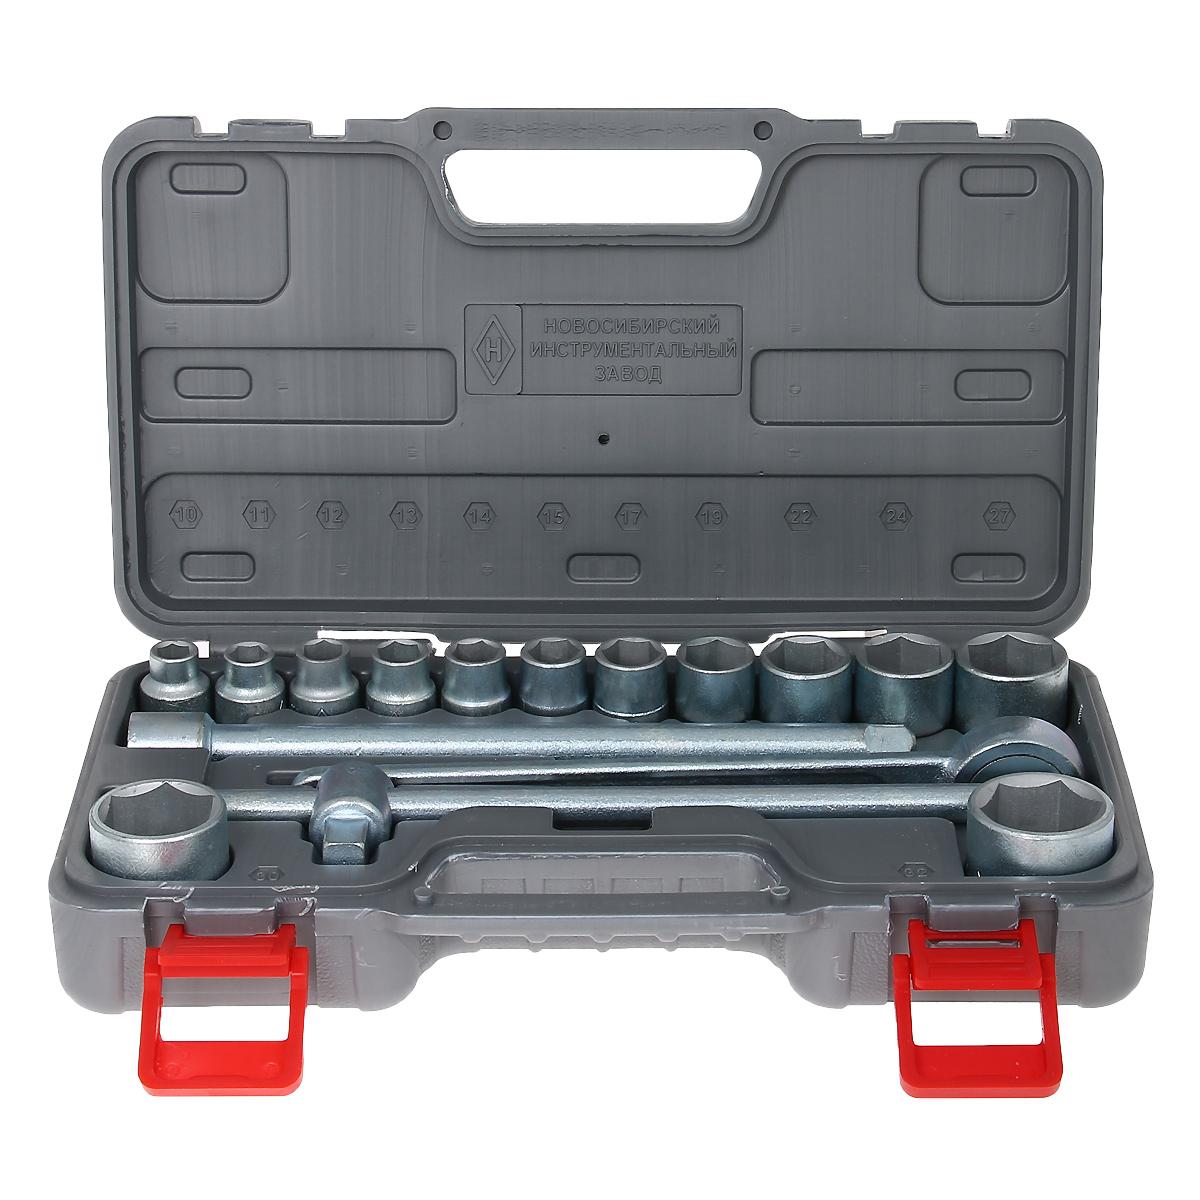 Набор шоферского инструмента № 2 НИЗ, 16 предметов80621Набор шоферского инструмента № 2 НИЗ включает: - головки сменные 1/2 10, 11, 12, 13, 14, 15, 17, 19, 22, 24, 27, 30 и 32 мм, - ключ с присоединительным квадратом 1/2,- трещоточный ключ 1/2,- удлинитель 250 мм 1/2.Все инструменты изготовлены из инструментальной стали 40Х и оцинкованы. Набор укомплектован в пластиковый кейс. Материал: инструментальная сталь, пластик.